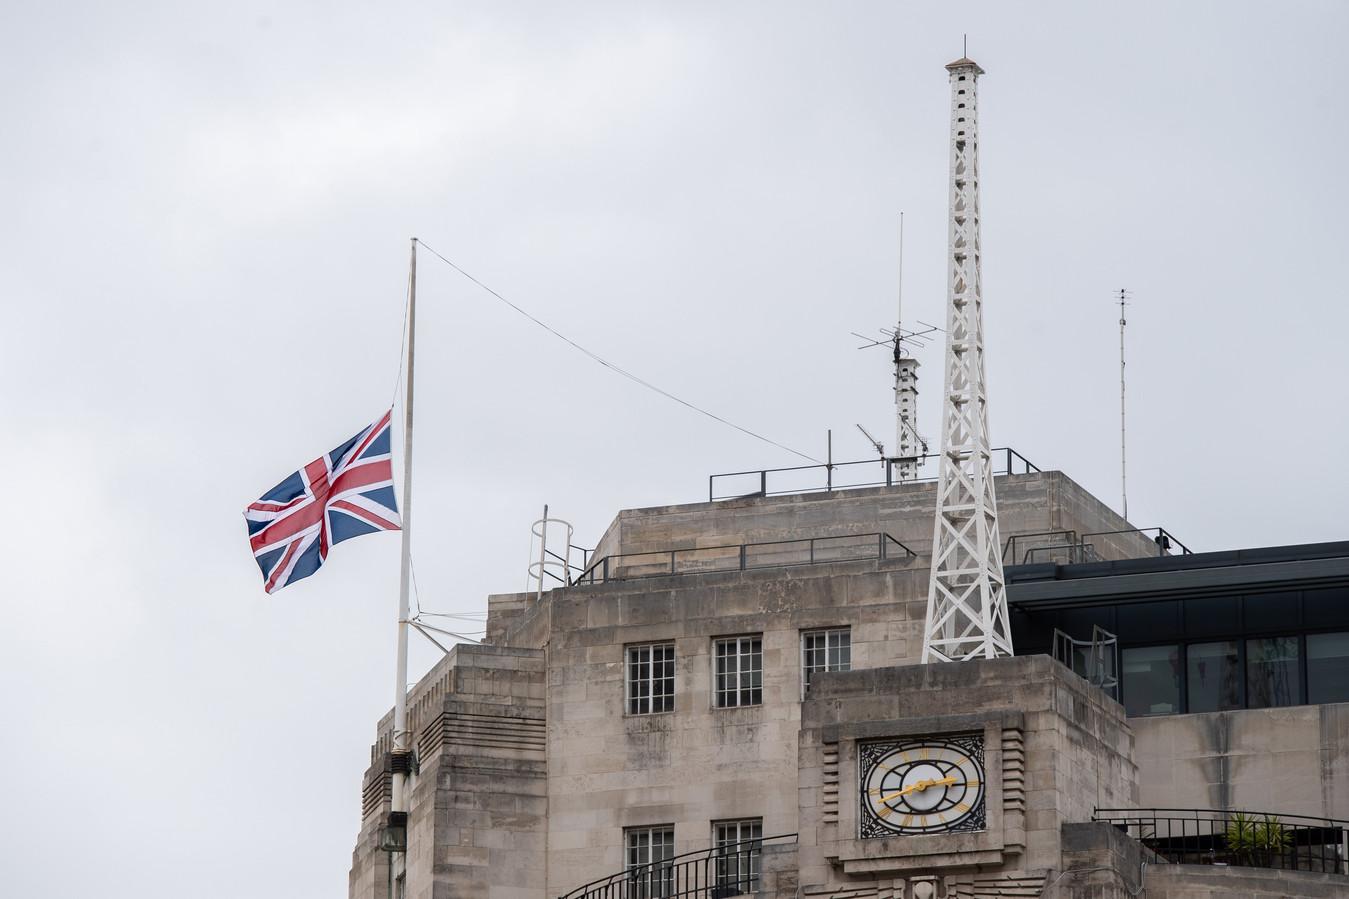 De Britse vlag hangt halfstok aan het BBC-gebouw in Londen.